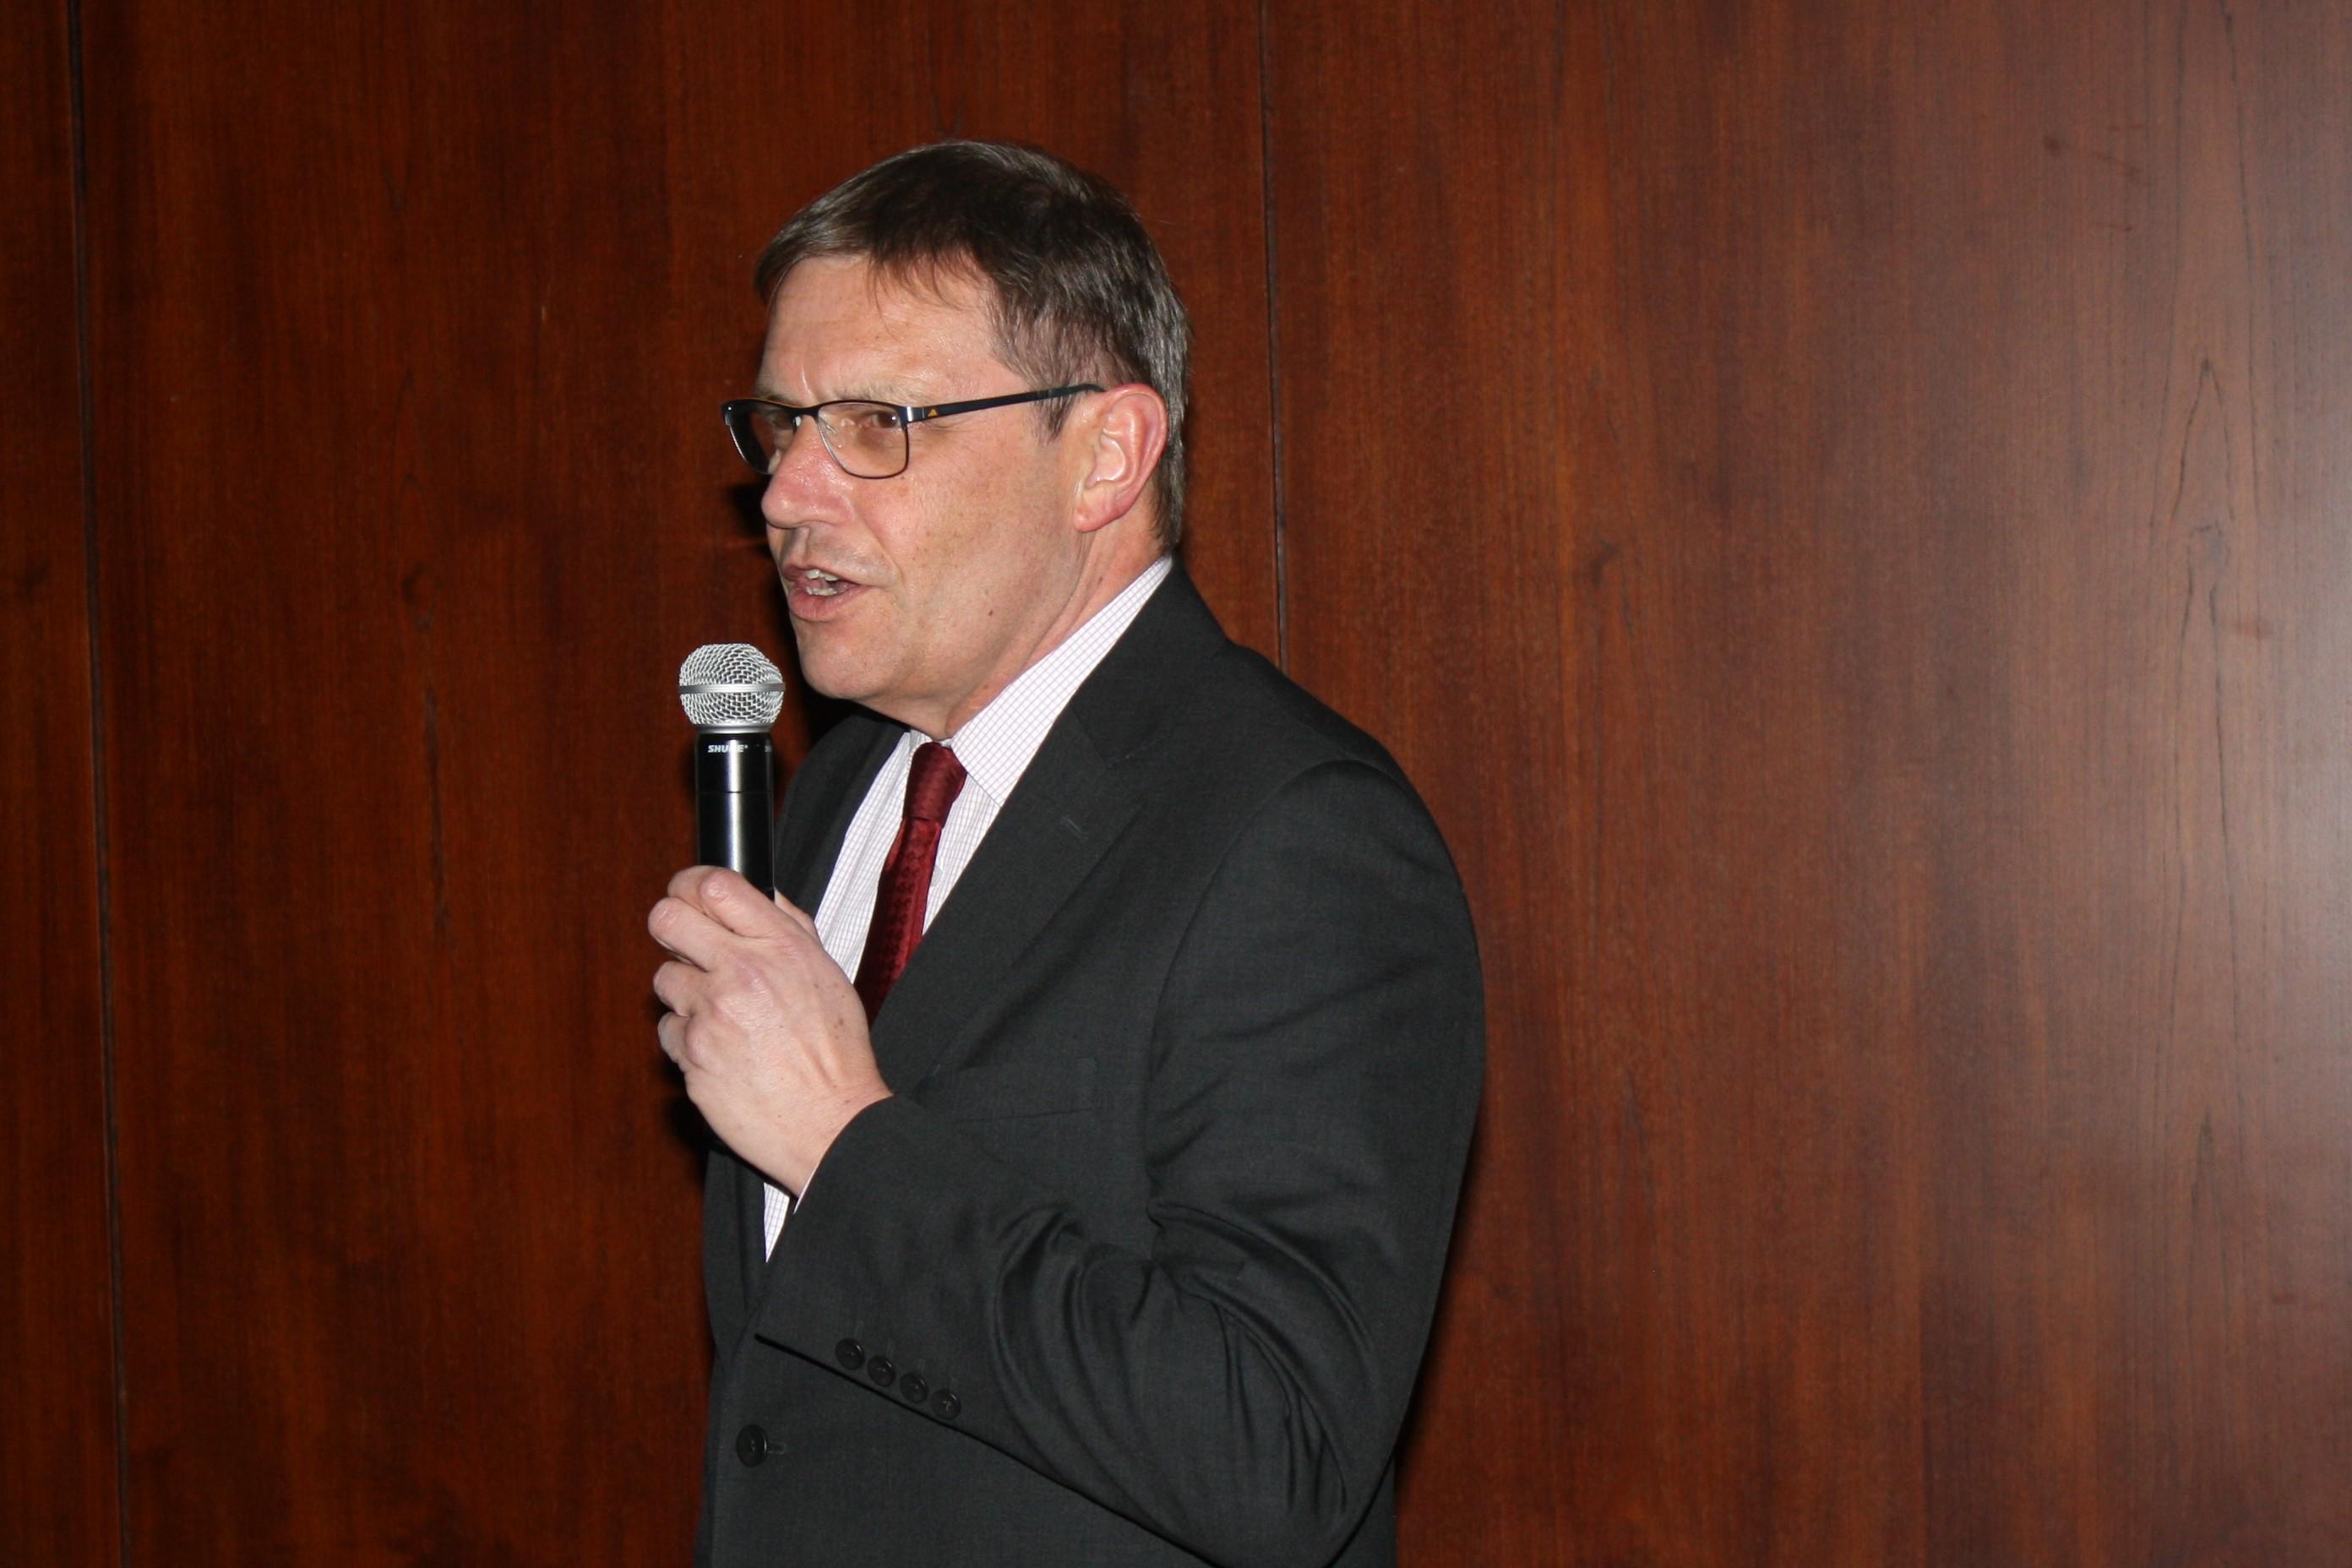 Vorsitzender Klaus Ebert begrüßt die Gäste